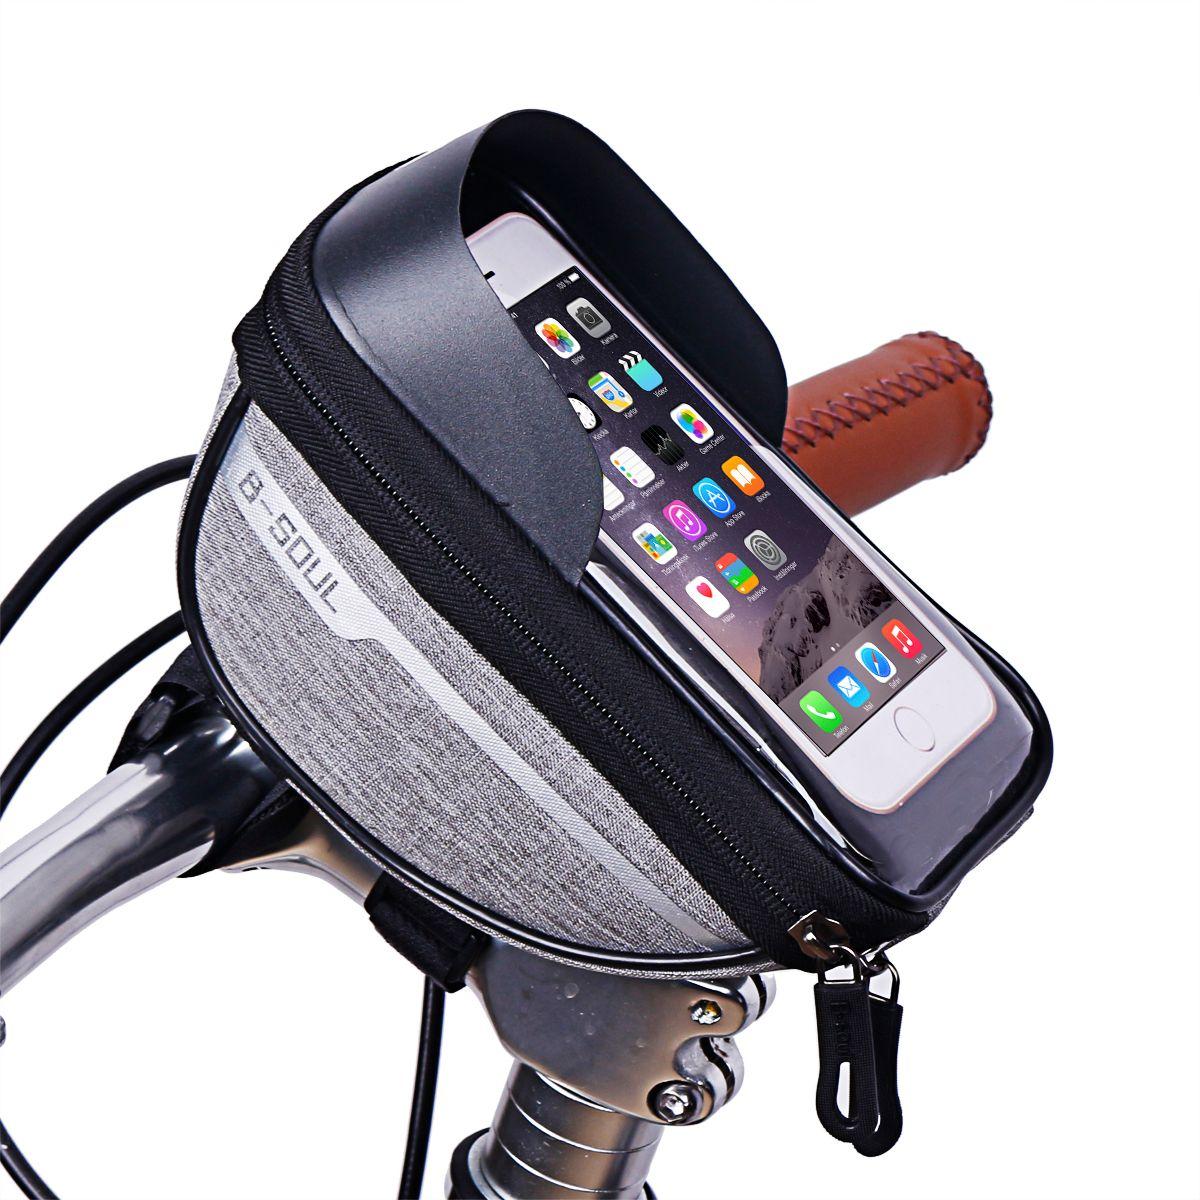 الدراجات دراجة دراجة رئيس أنبوب المقود الخليوي حقيبة الهاتف المحمول حالة حامل شاشة الهاتف جبل أكياس القضية ل 6.5in